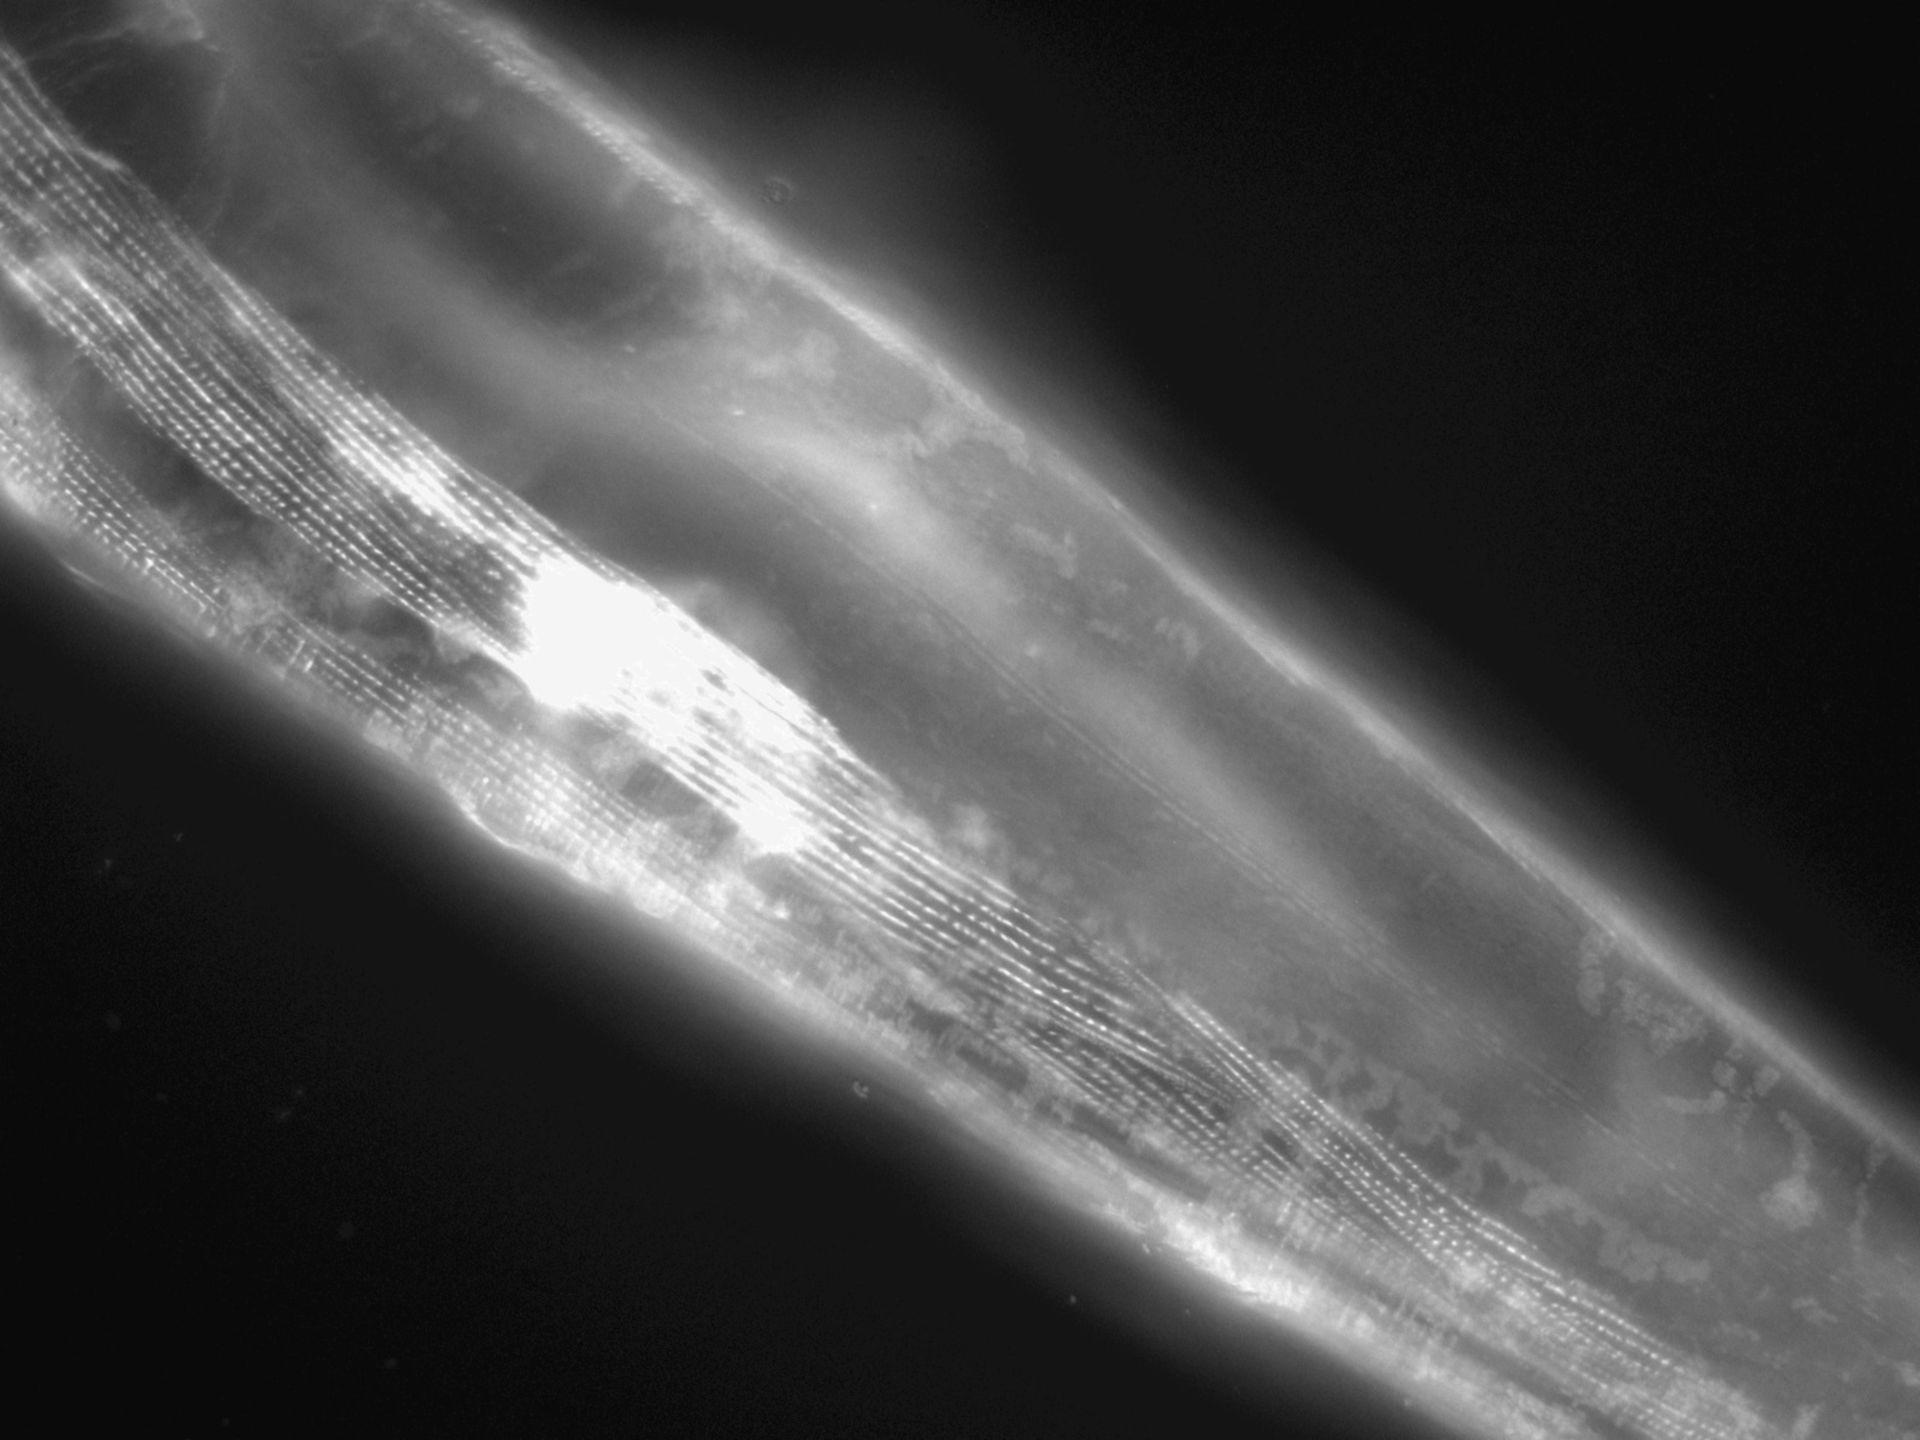 Caenorhabditis elegans (Actin filament) - CIL:1187